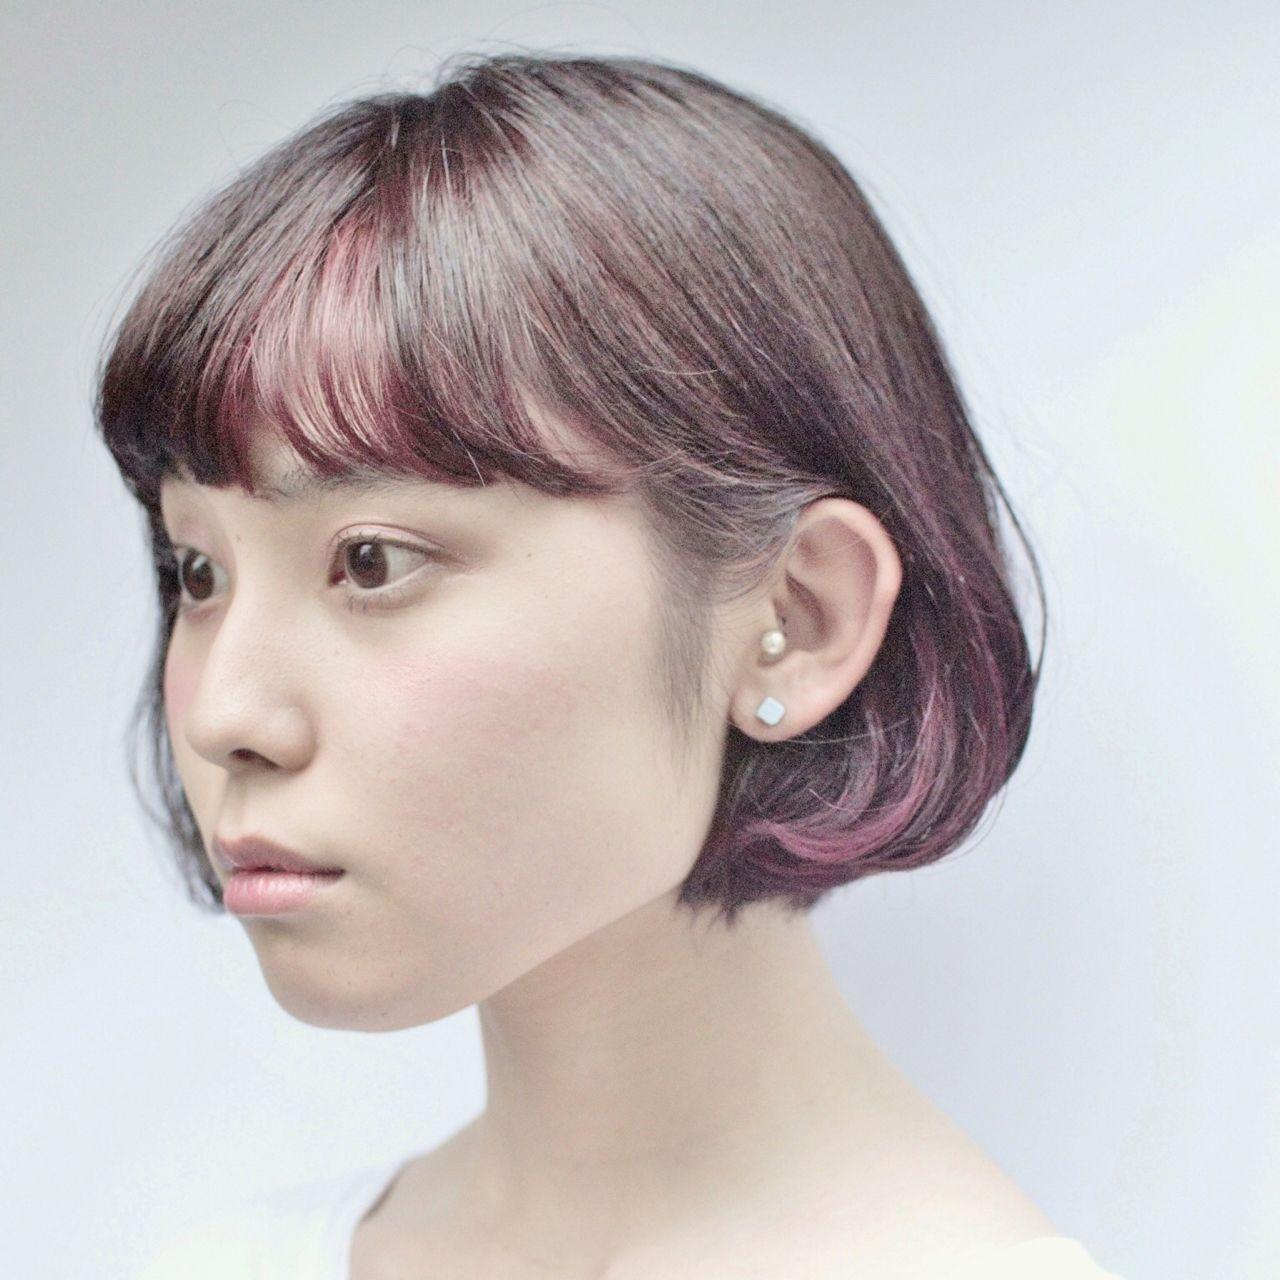 ベースをダークバイオレットに、ポイントでビビットなバイオレットを!オリジナリティーの高いショートボブ。マンネリしがちなら思い切ったチェンジしてみませんか? #tannenworks  #takuyakitamura  #hairstudiomenos #hair #fashion #color #ウィービング #cut #高円寺 #newcolor